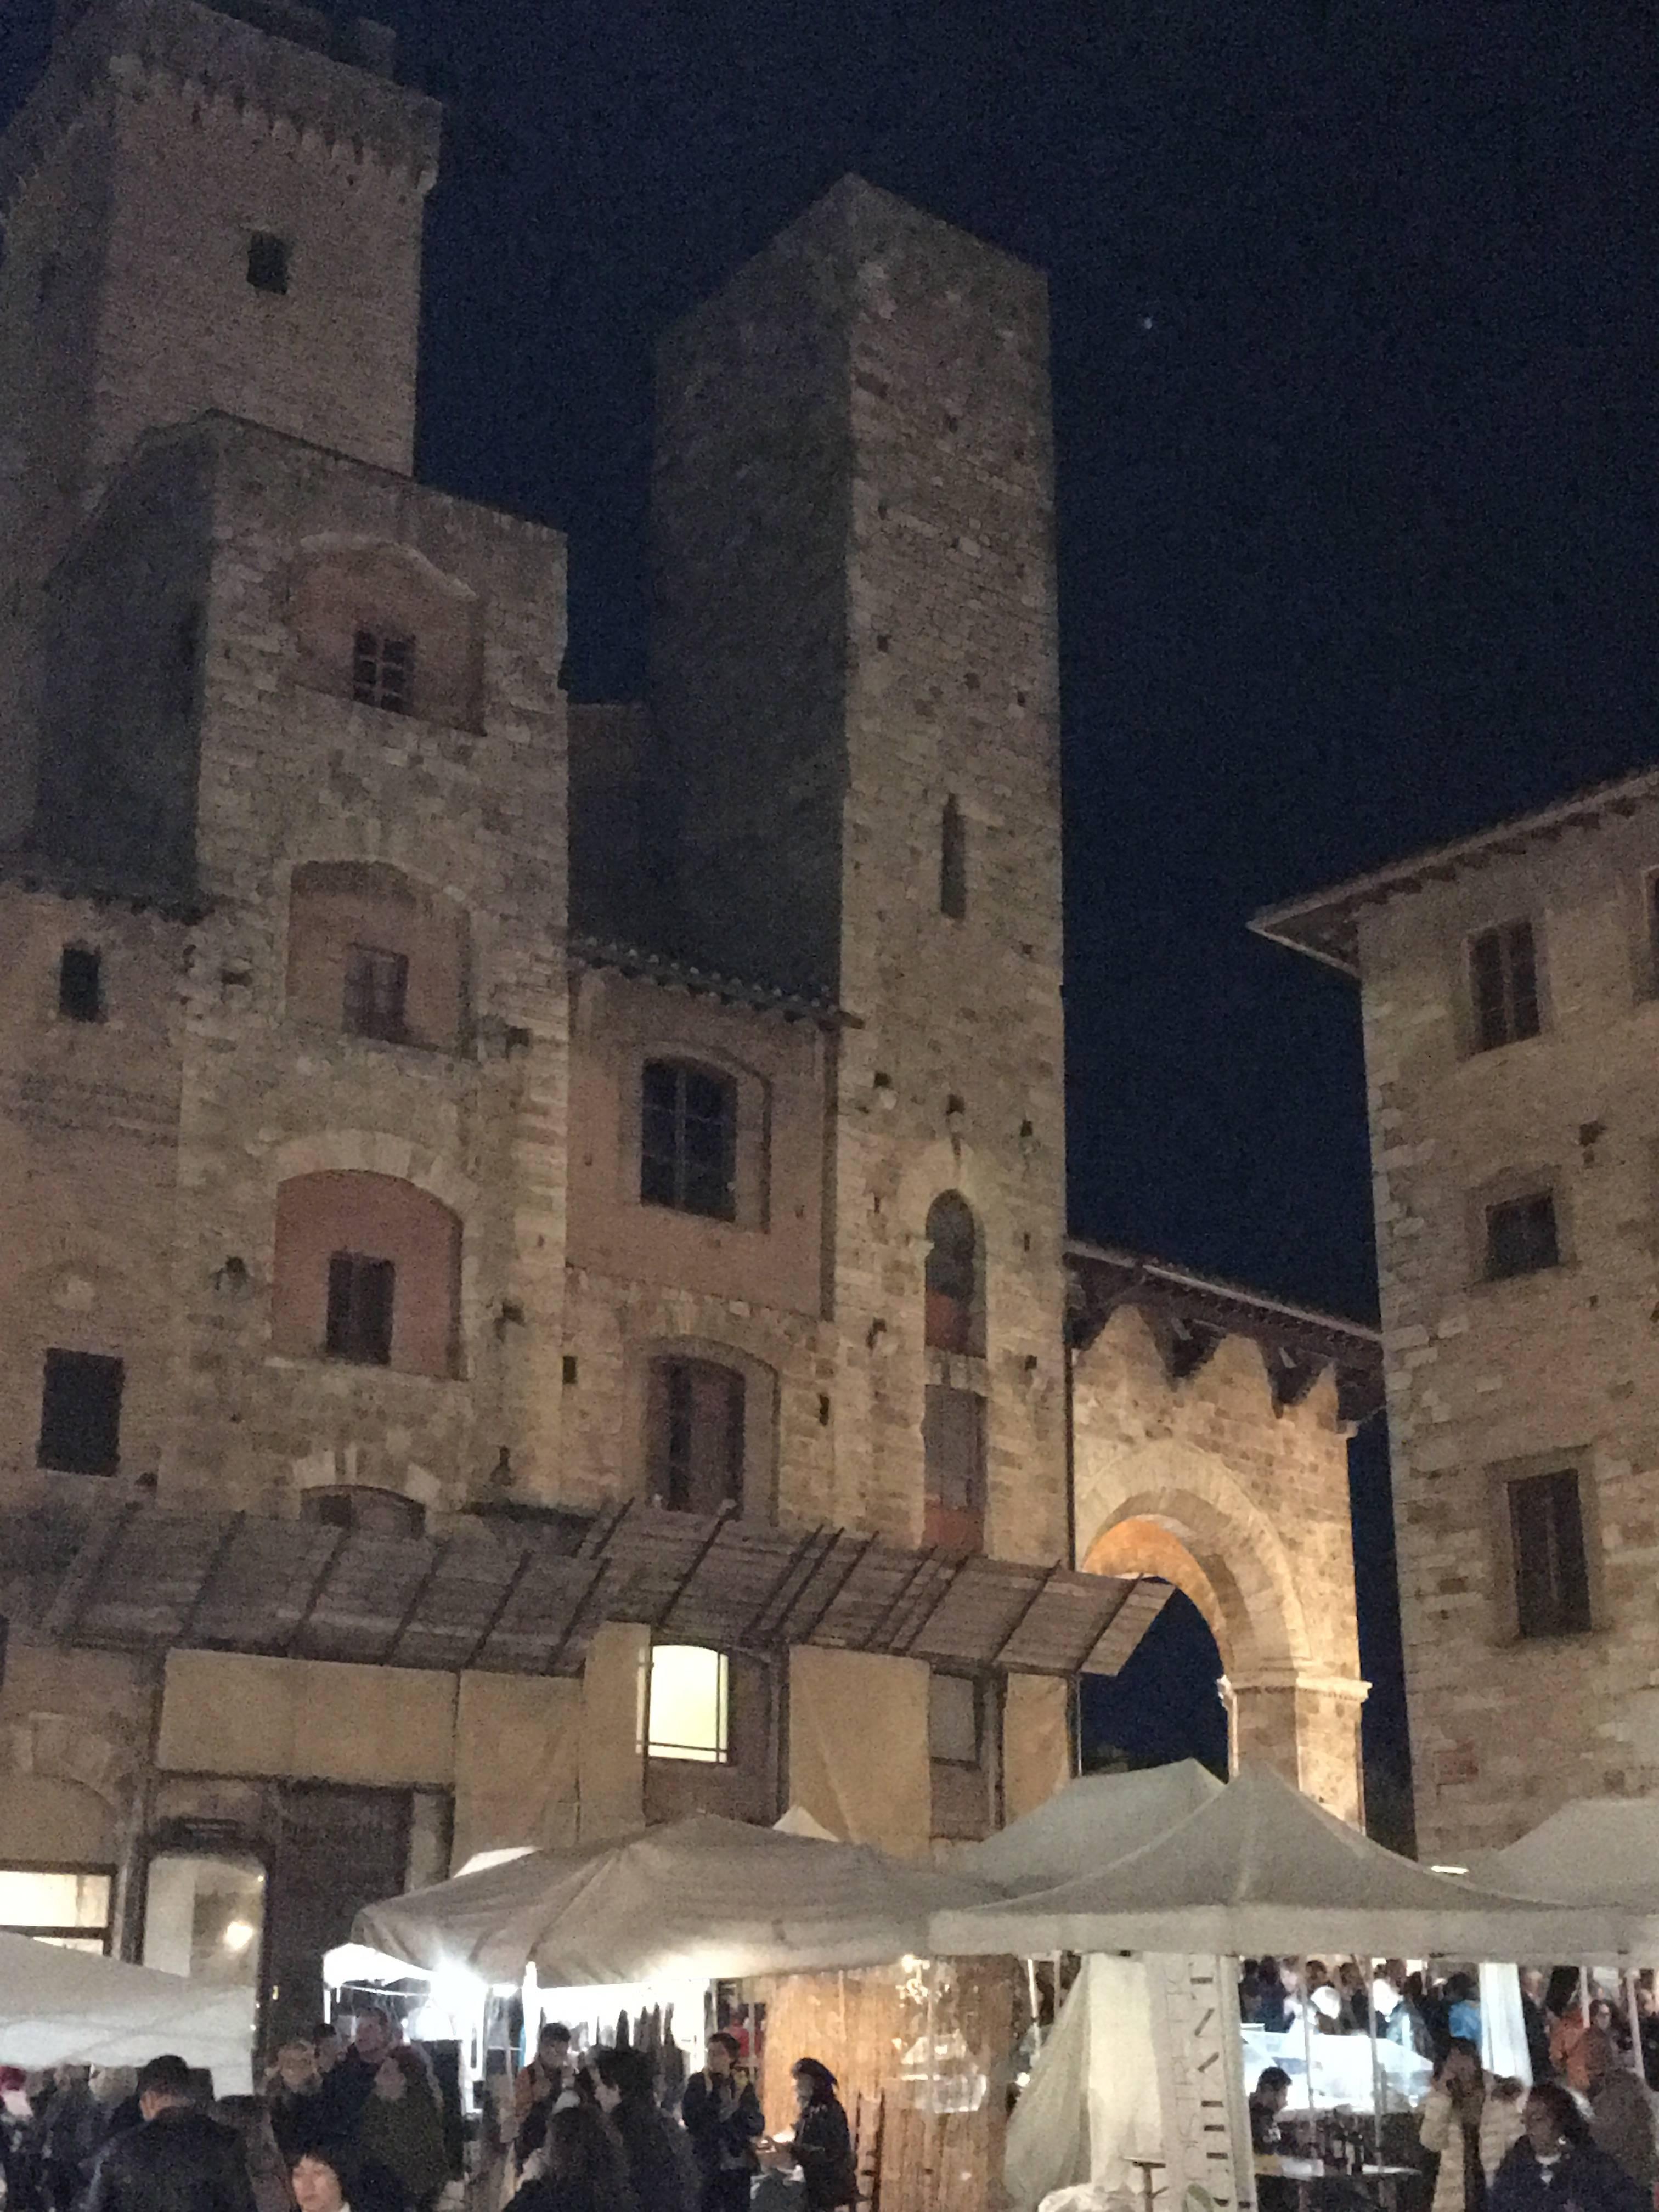 Photo 2: San gimignano, petit village magnfique proche de Florence